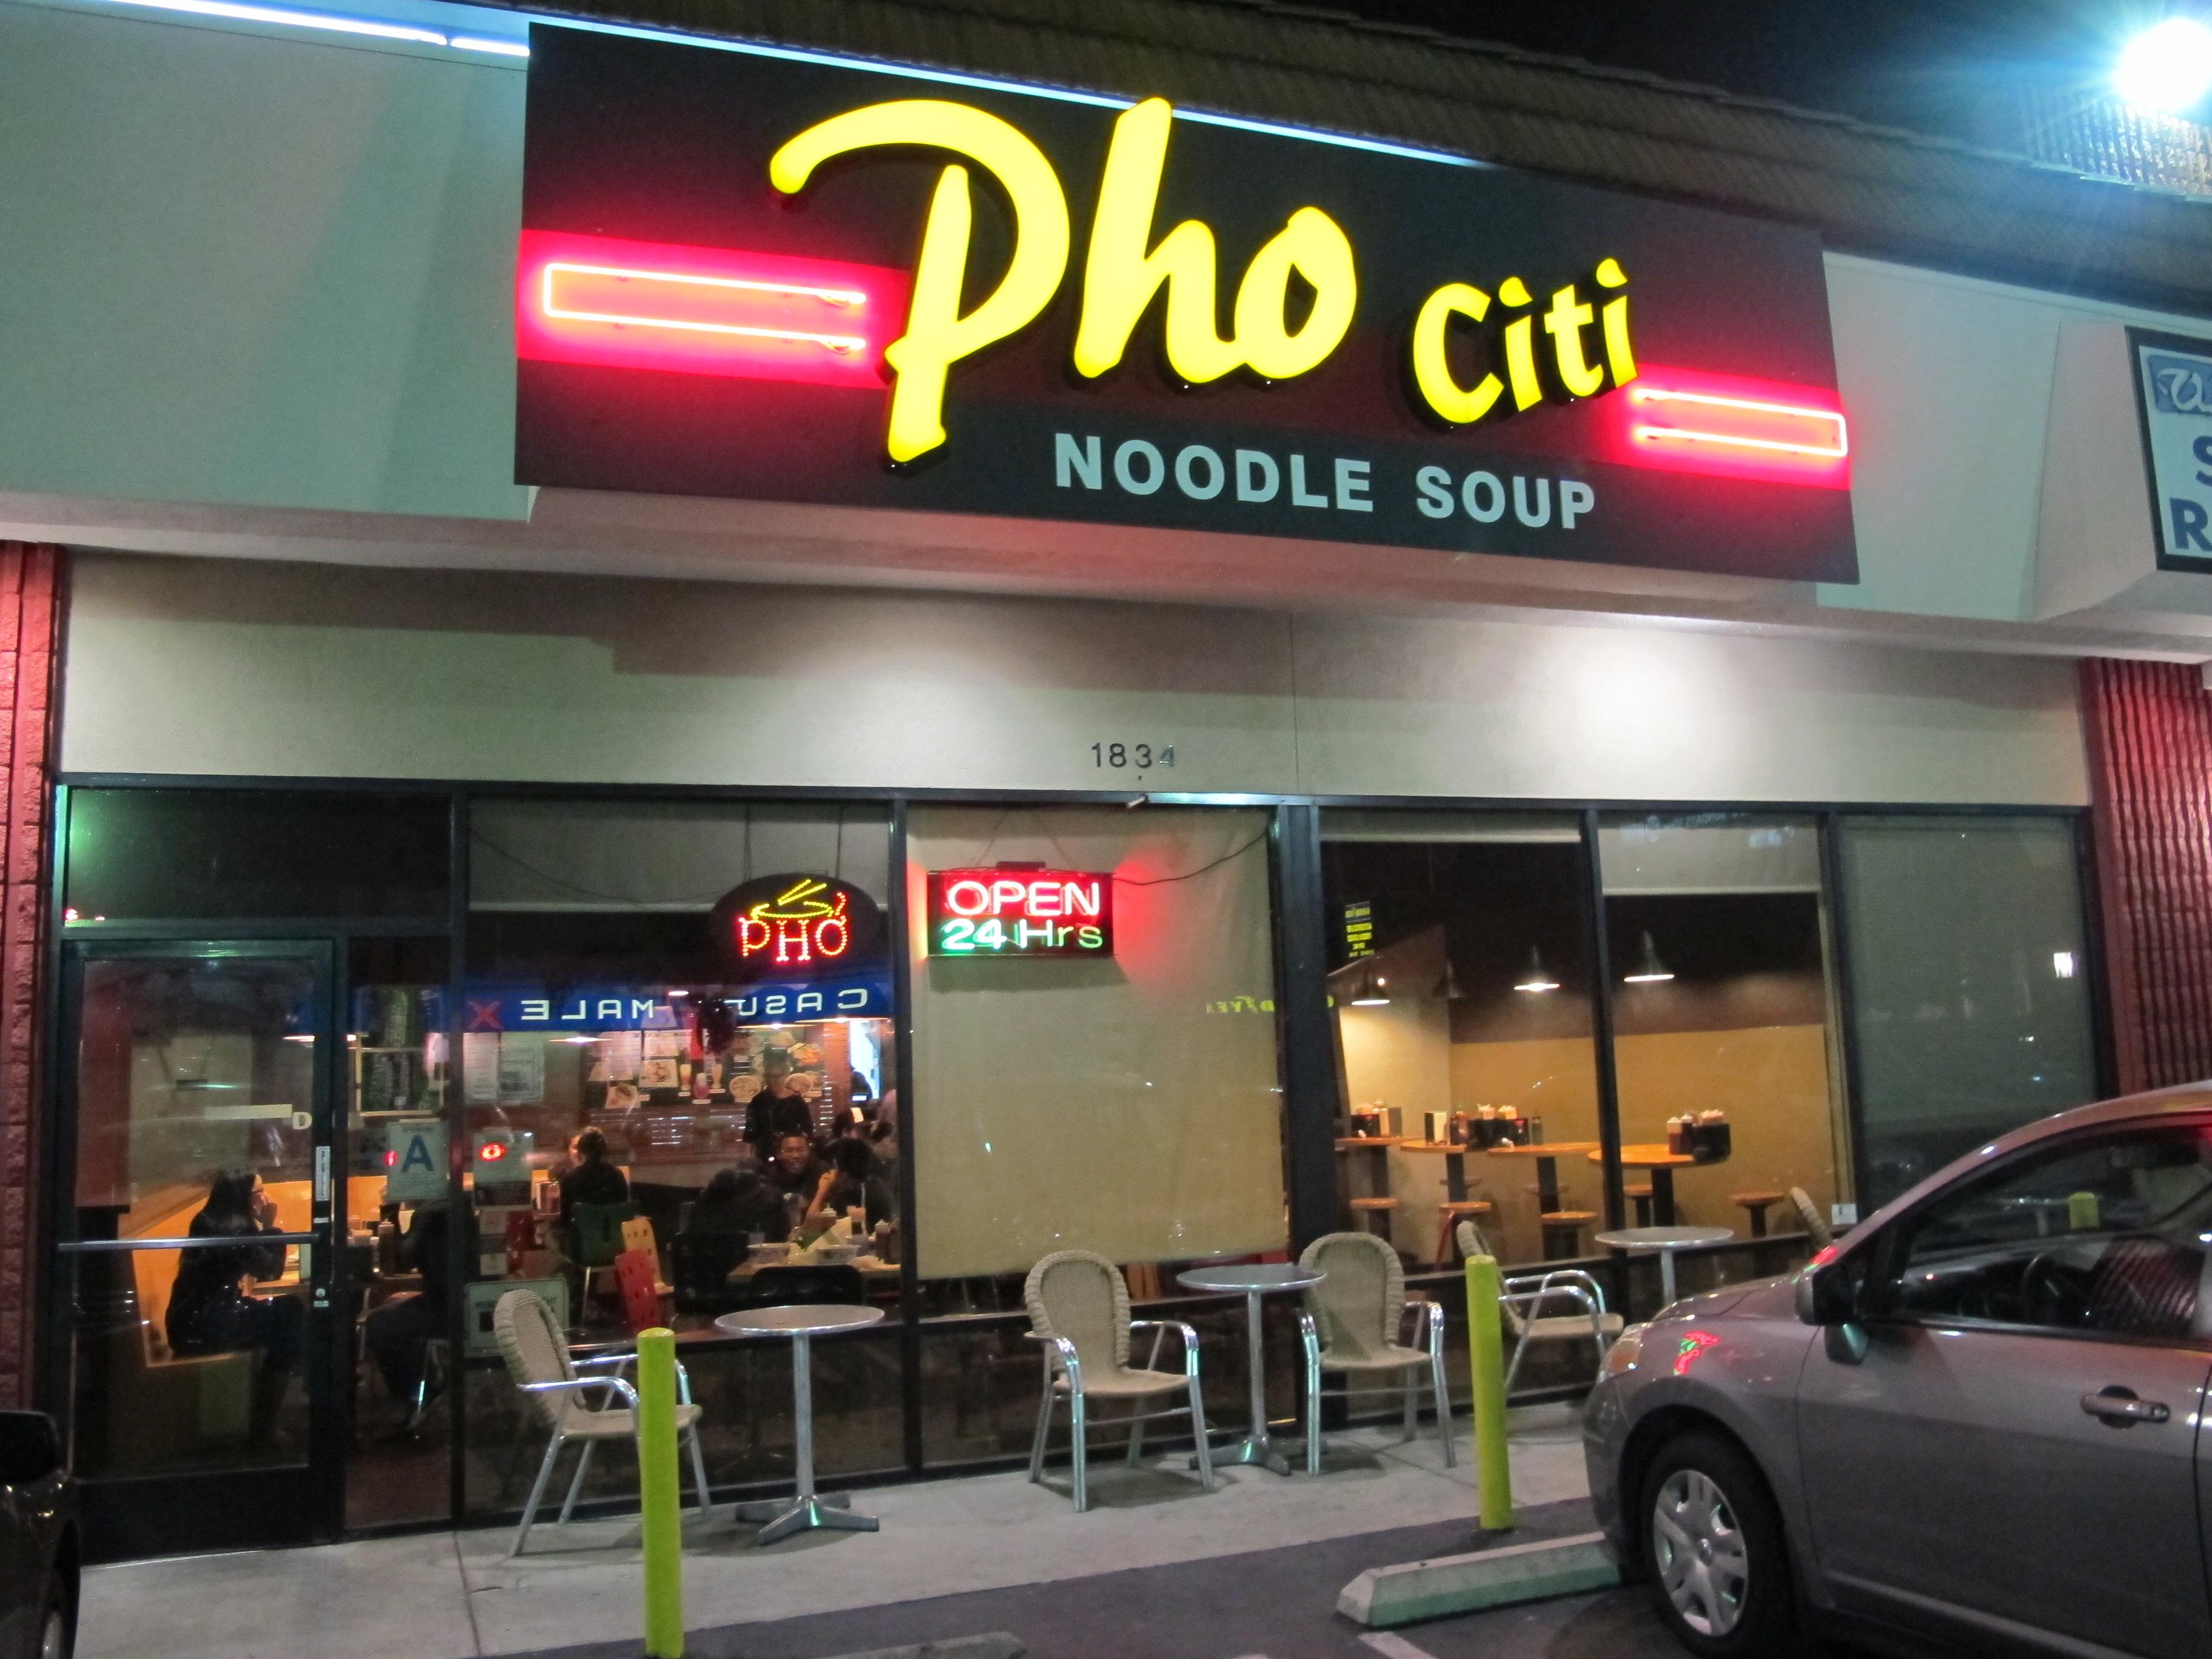 Pho Citi Noodle Soup